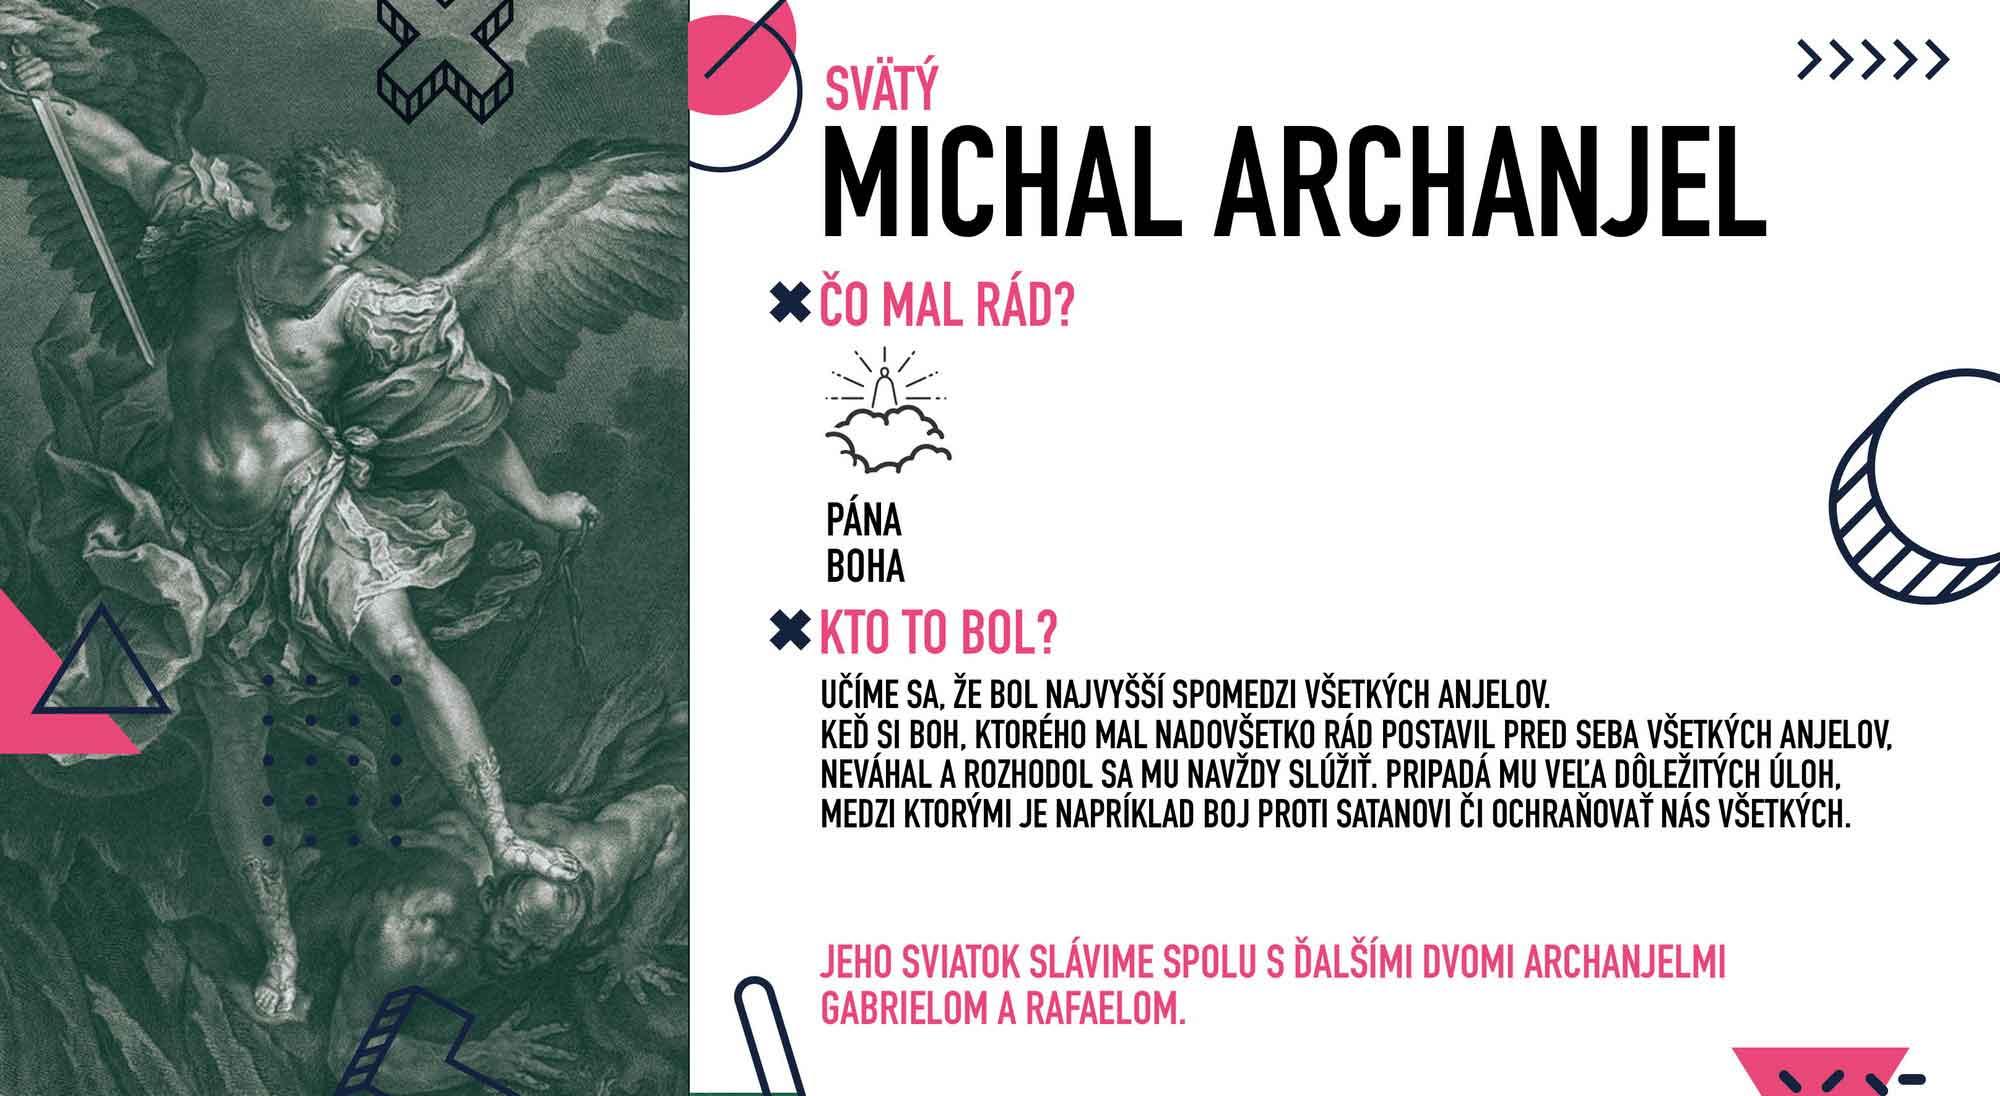 Michal-Archanjel